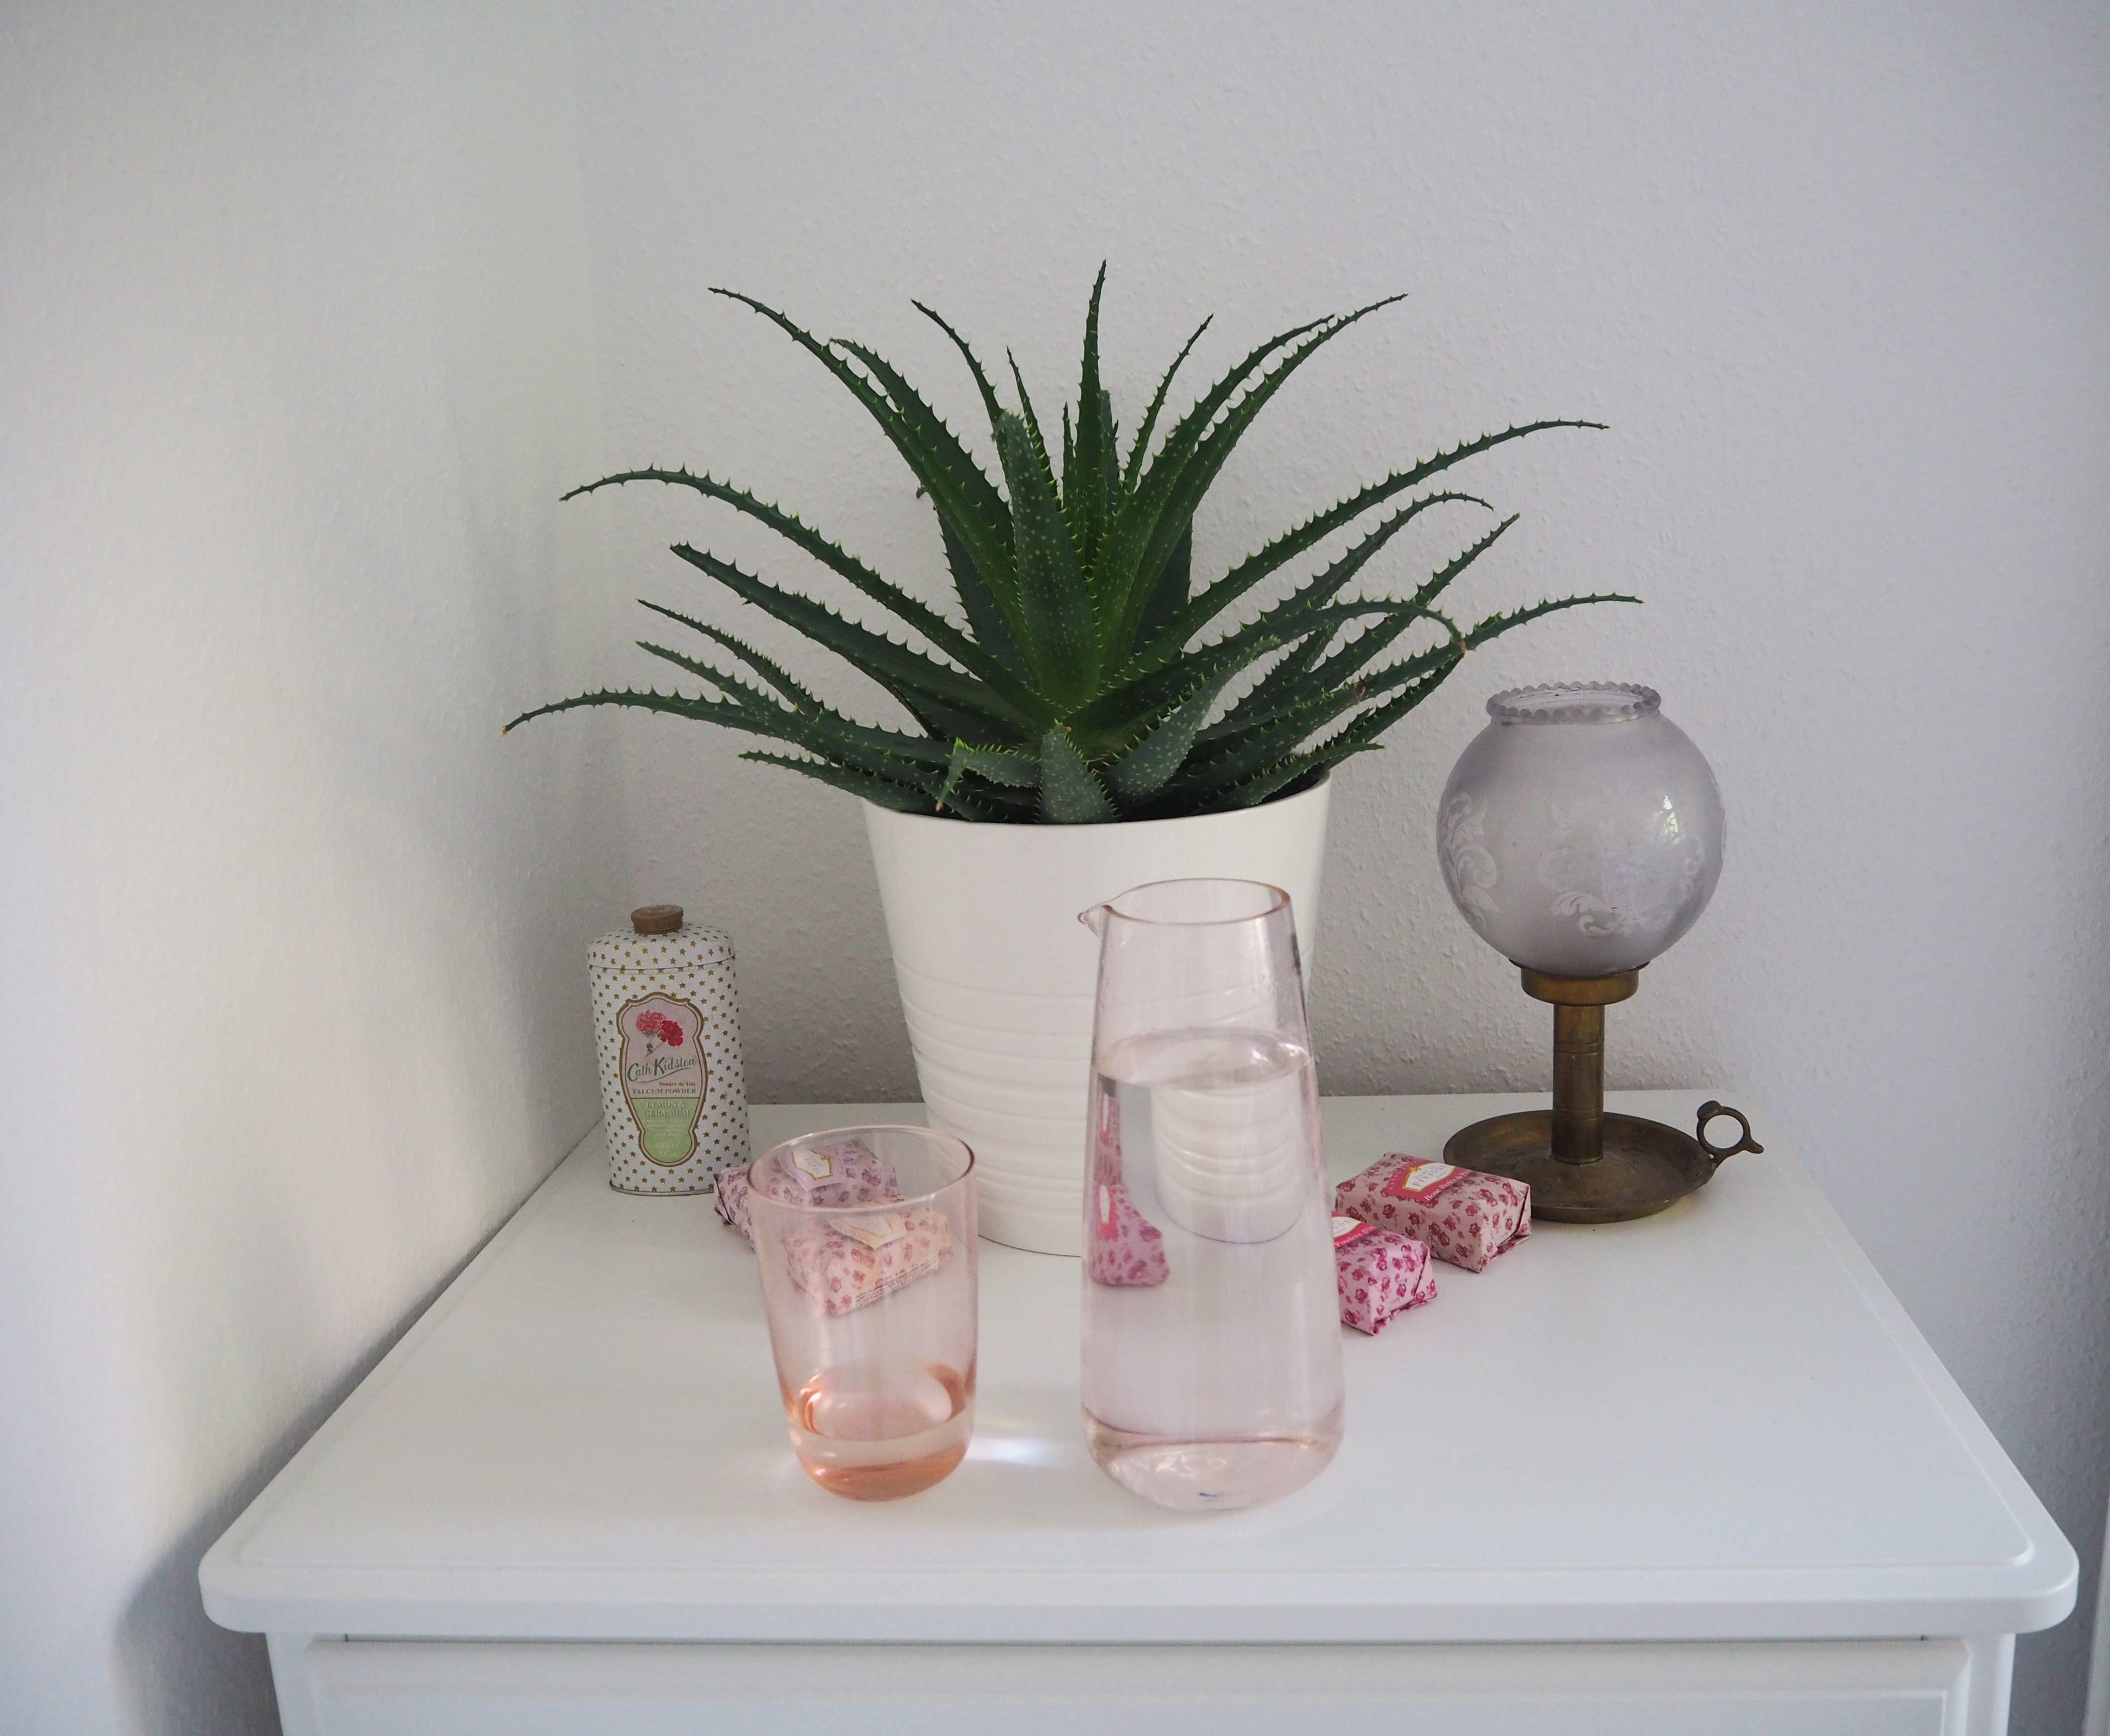 mein versuch 8 wochen lang mehr wasser zu trinken megabambi. Black Bedroom Furniture Sets. Home Design Ideas